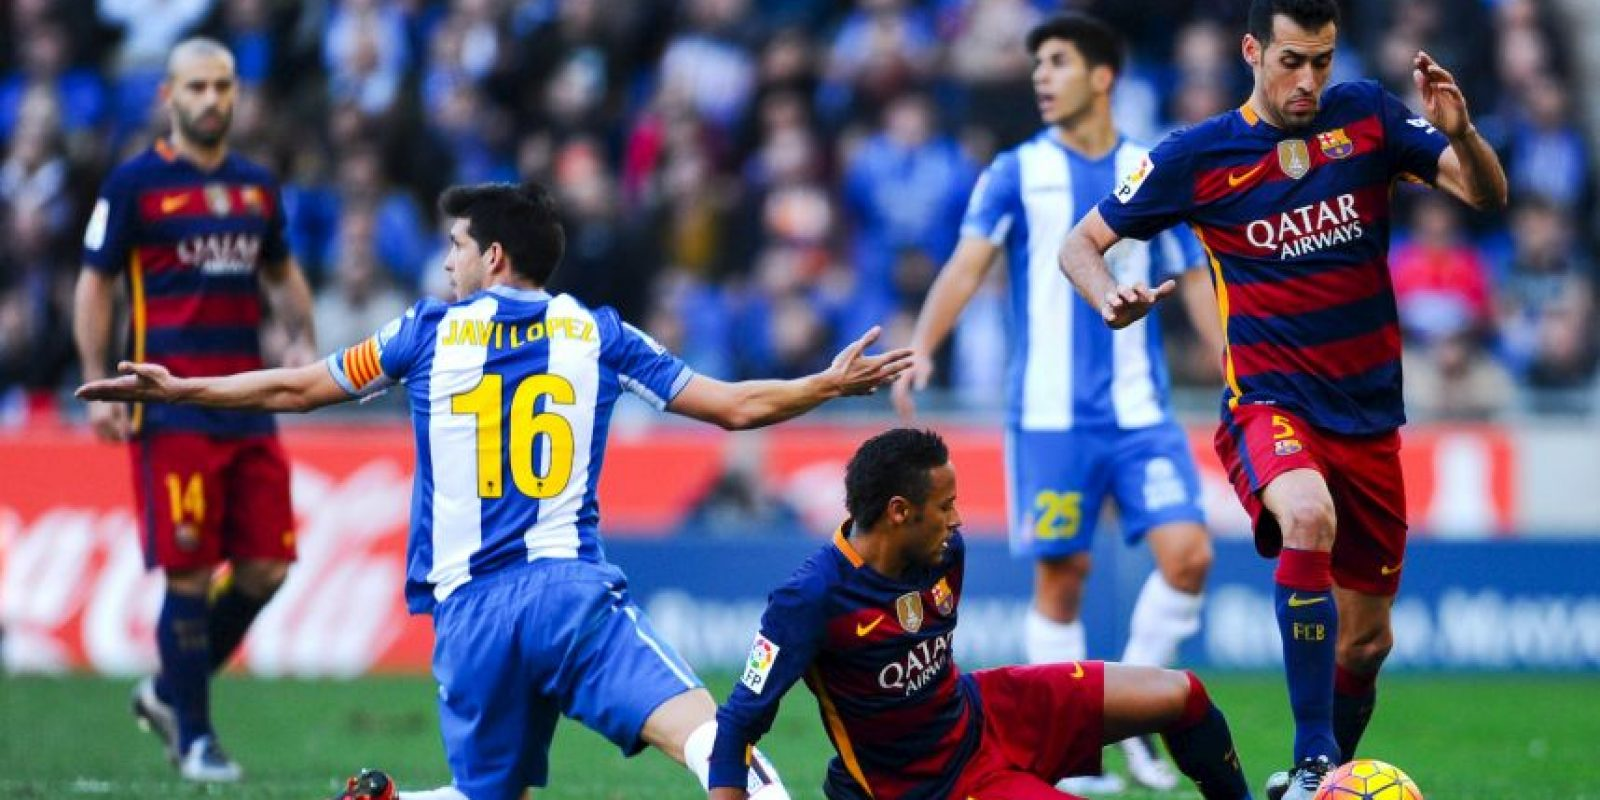 Los culés son segundo lugar de la Liga de España con dos puntos menos que Atlético de Madrid, pero un partido pendiente Foto:Getty Images